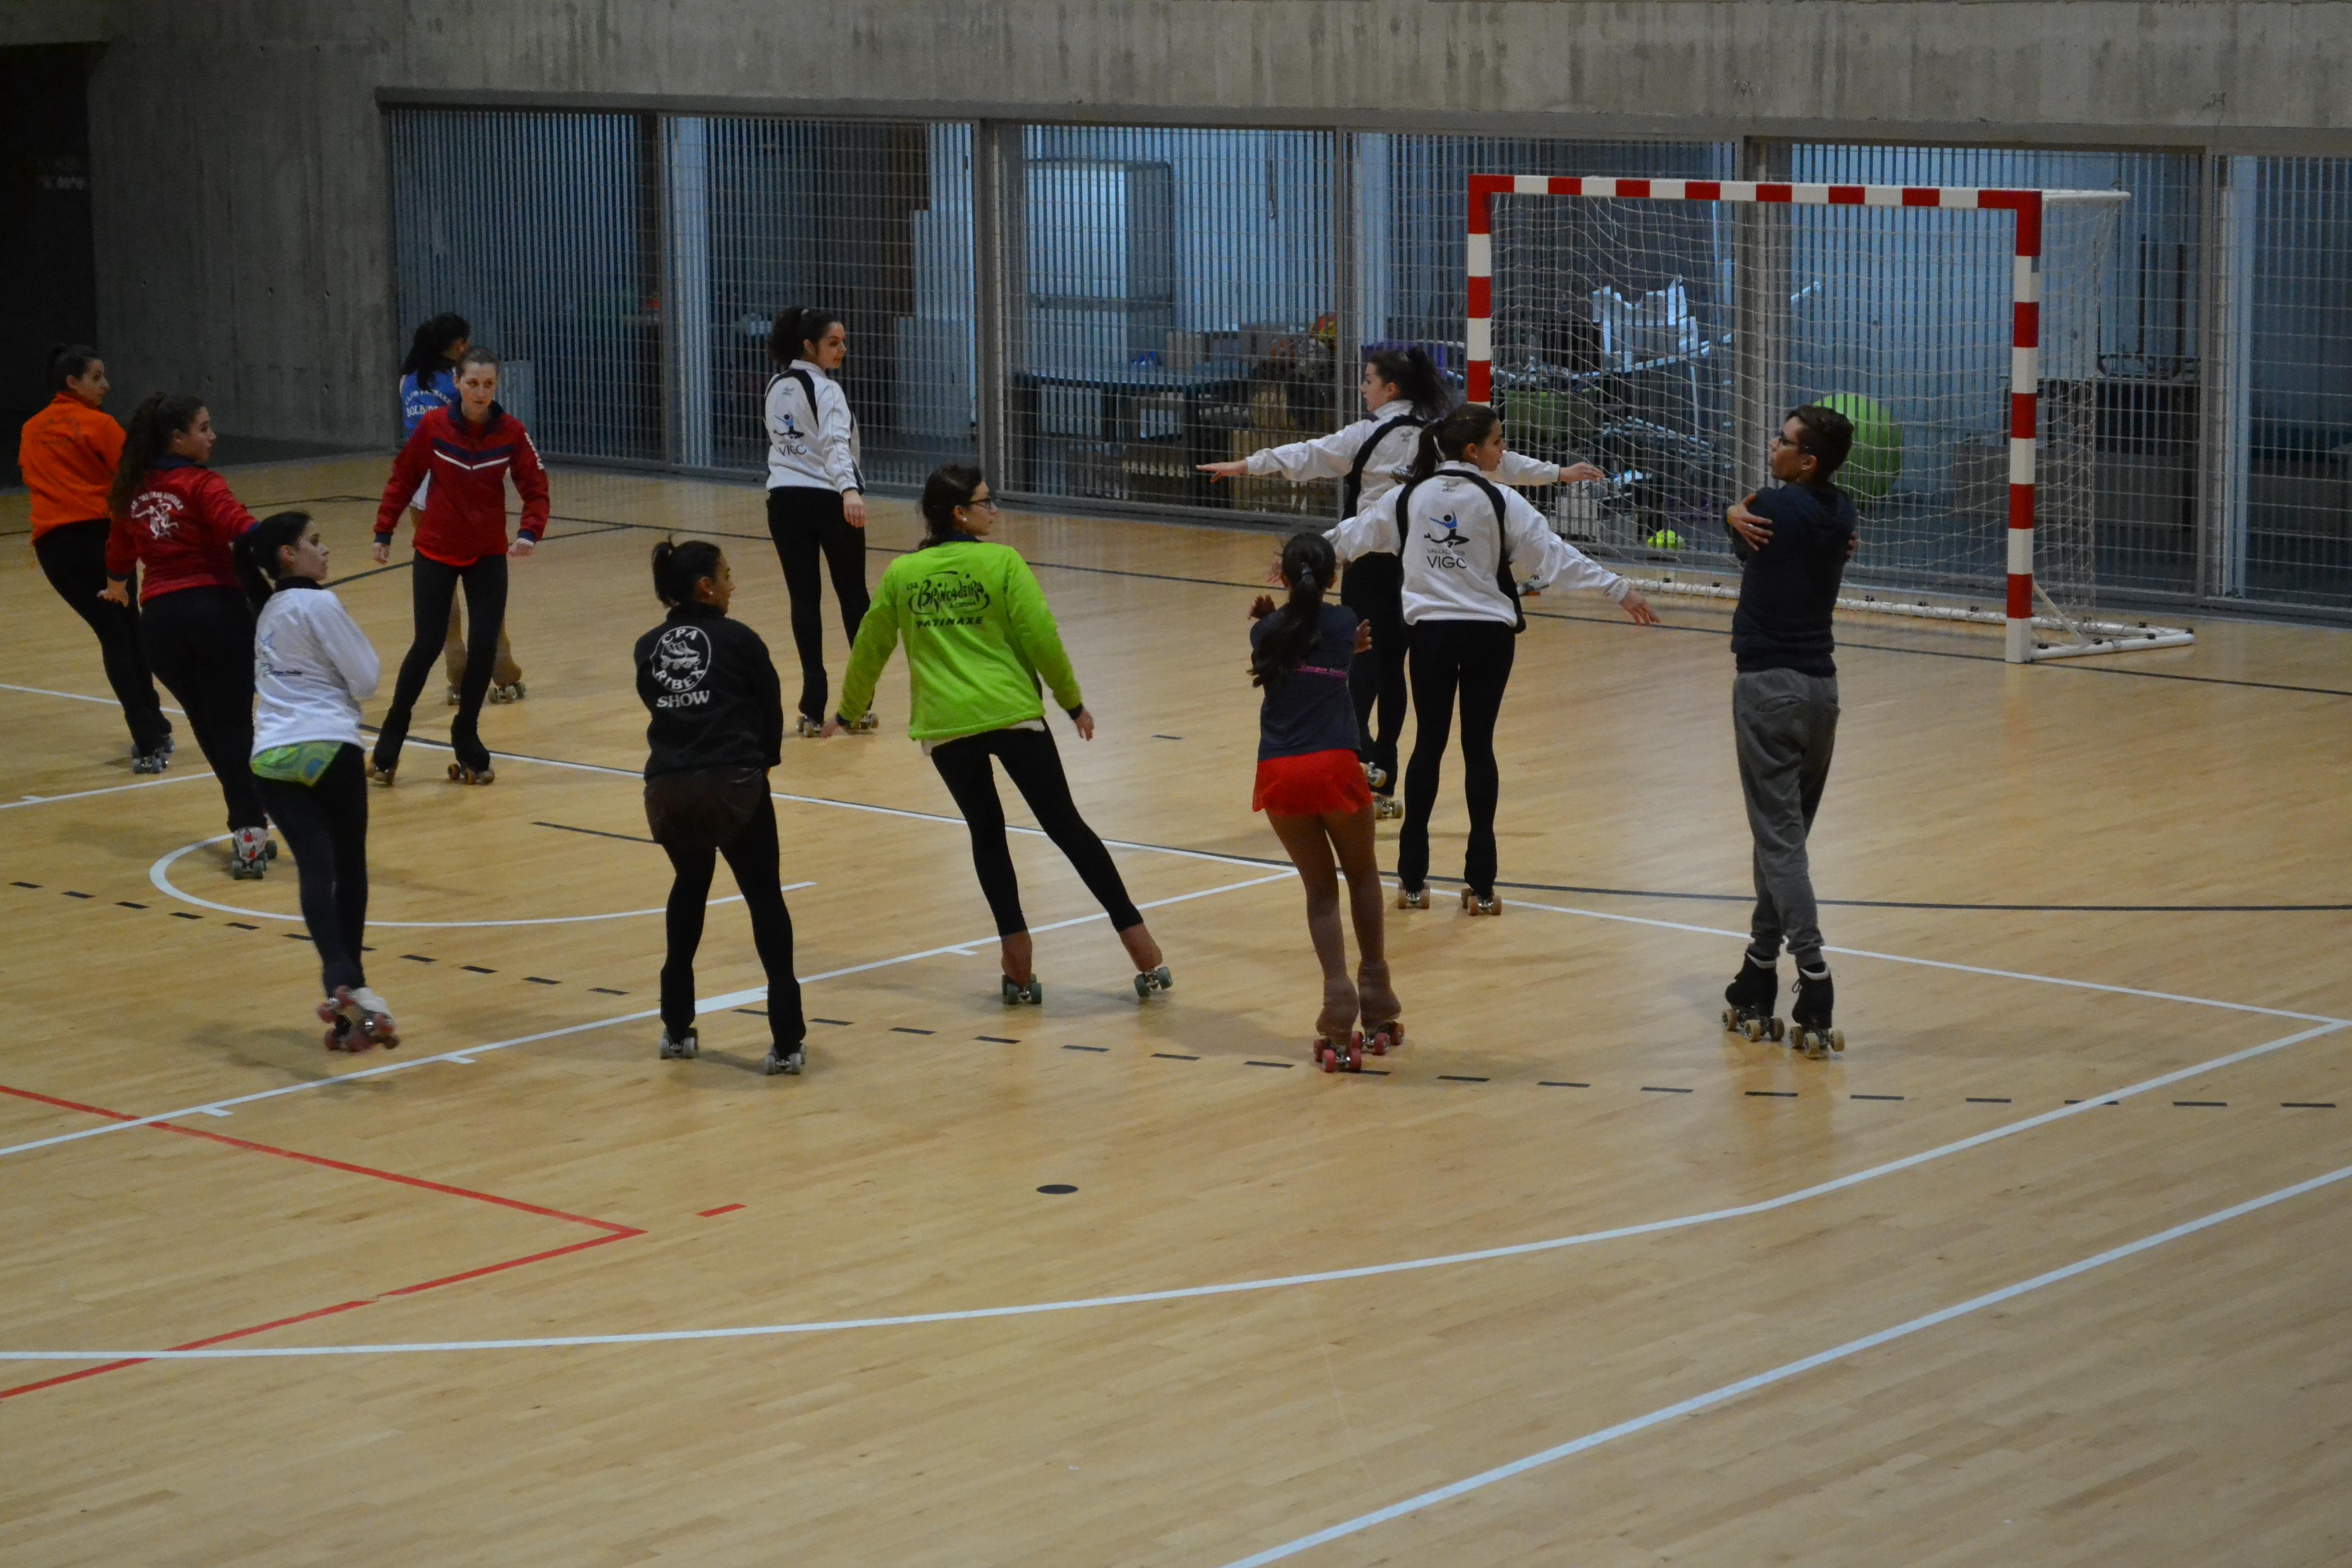 Xavi López con algunas patinadoras durante las jornadas de tecnificación | ©Andrea Oc